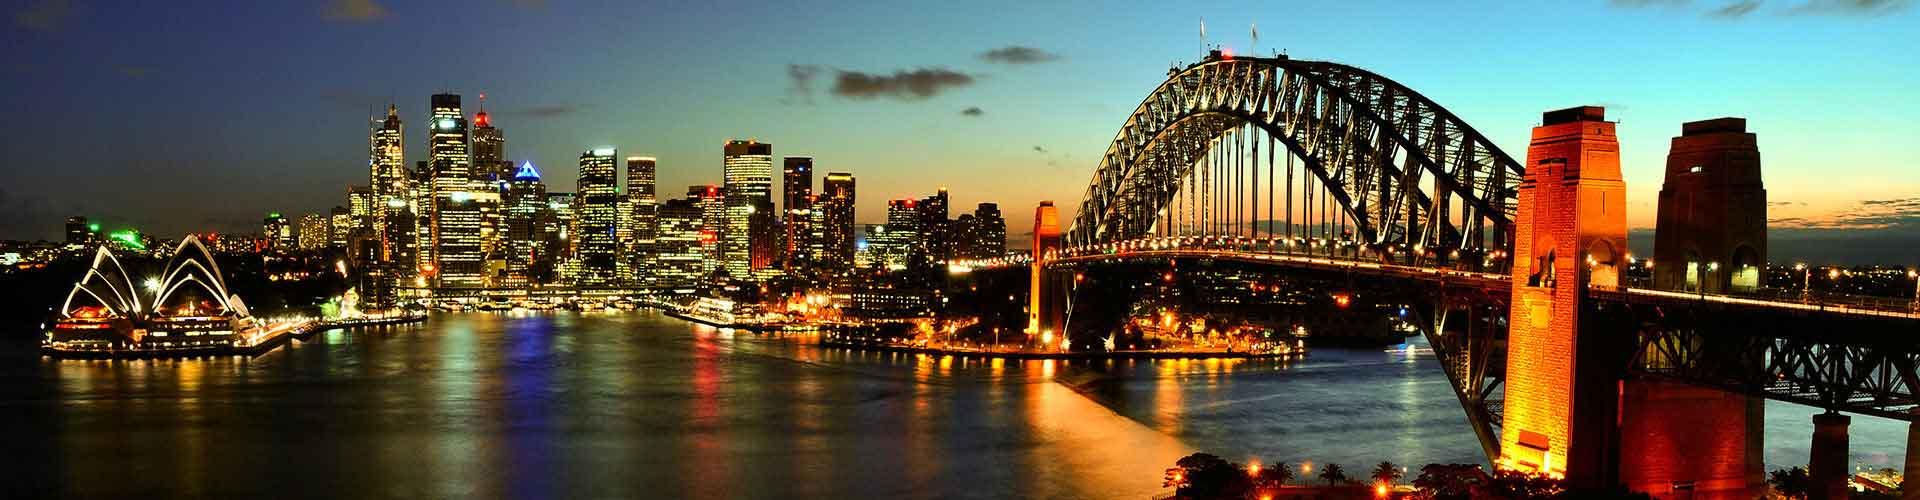 Sydney - Ifjúsági Szállások Sydneyben. Sydney térképek, fotók és ajánlások minden egyes ifjúsági szállásokra Sydney-ben.